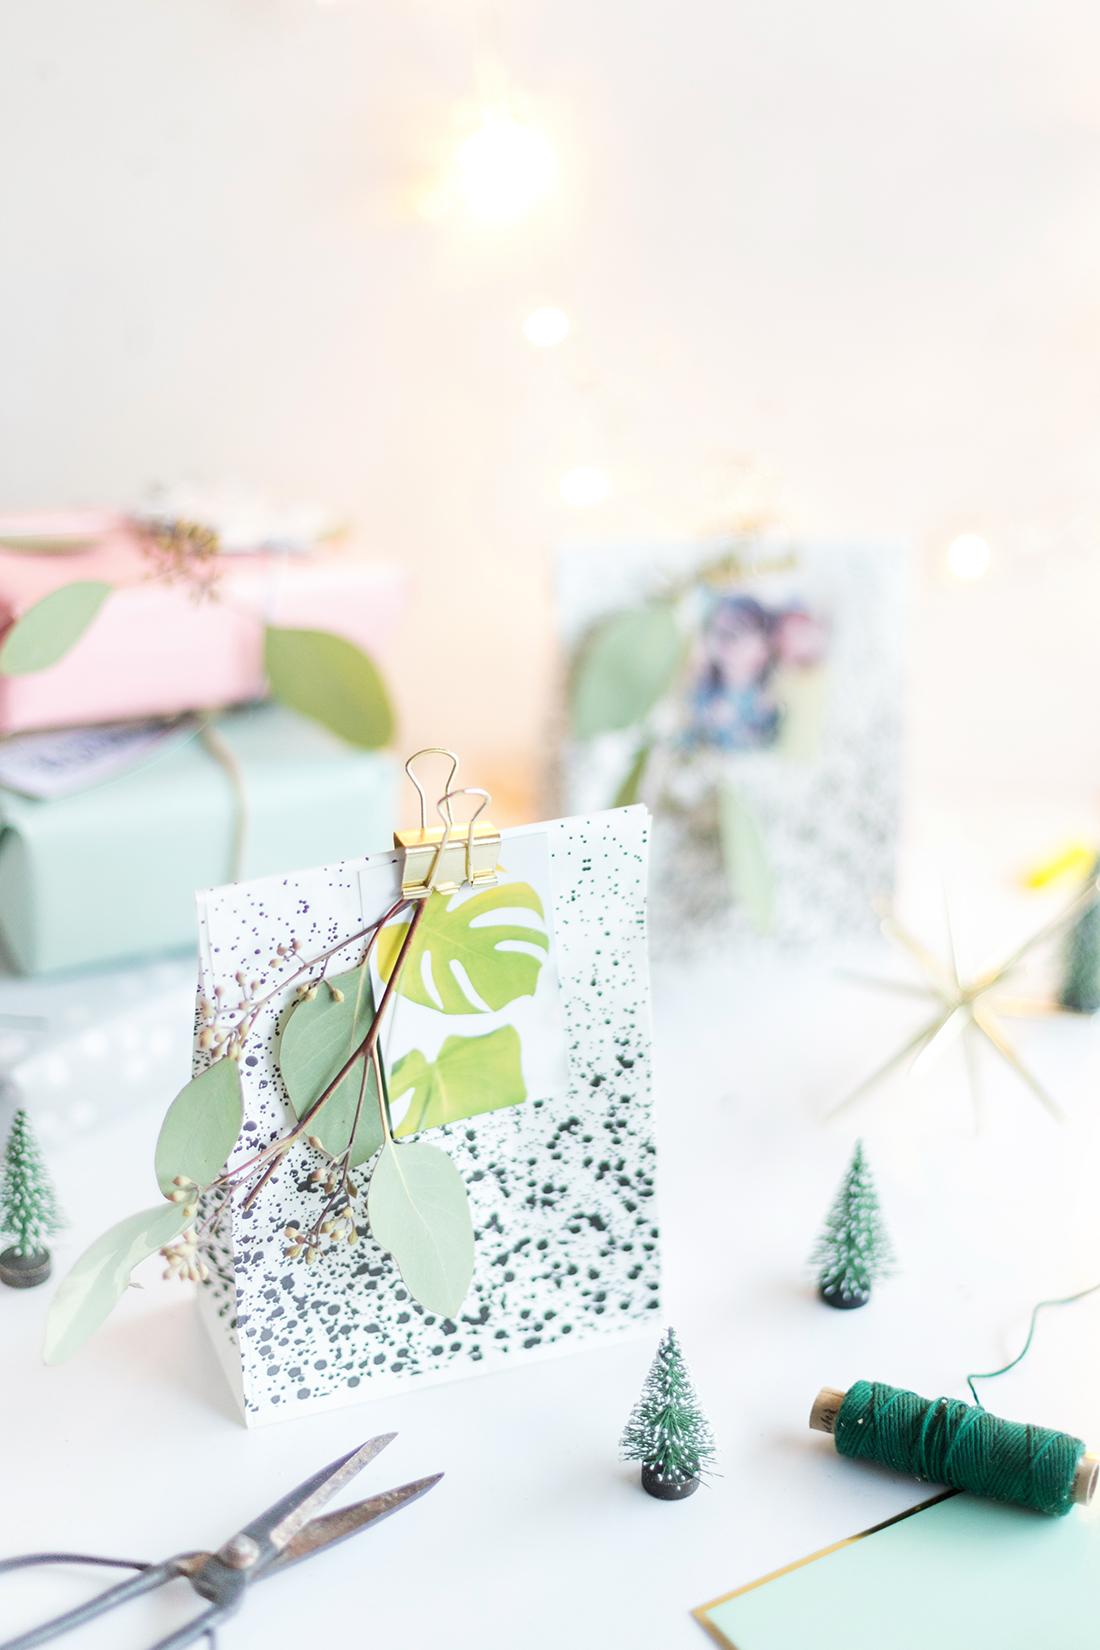 Geschenke mit ausgedruckten fotos